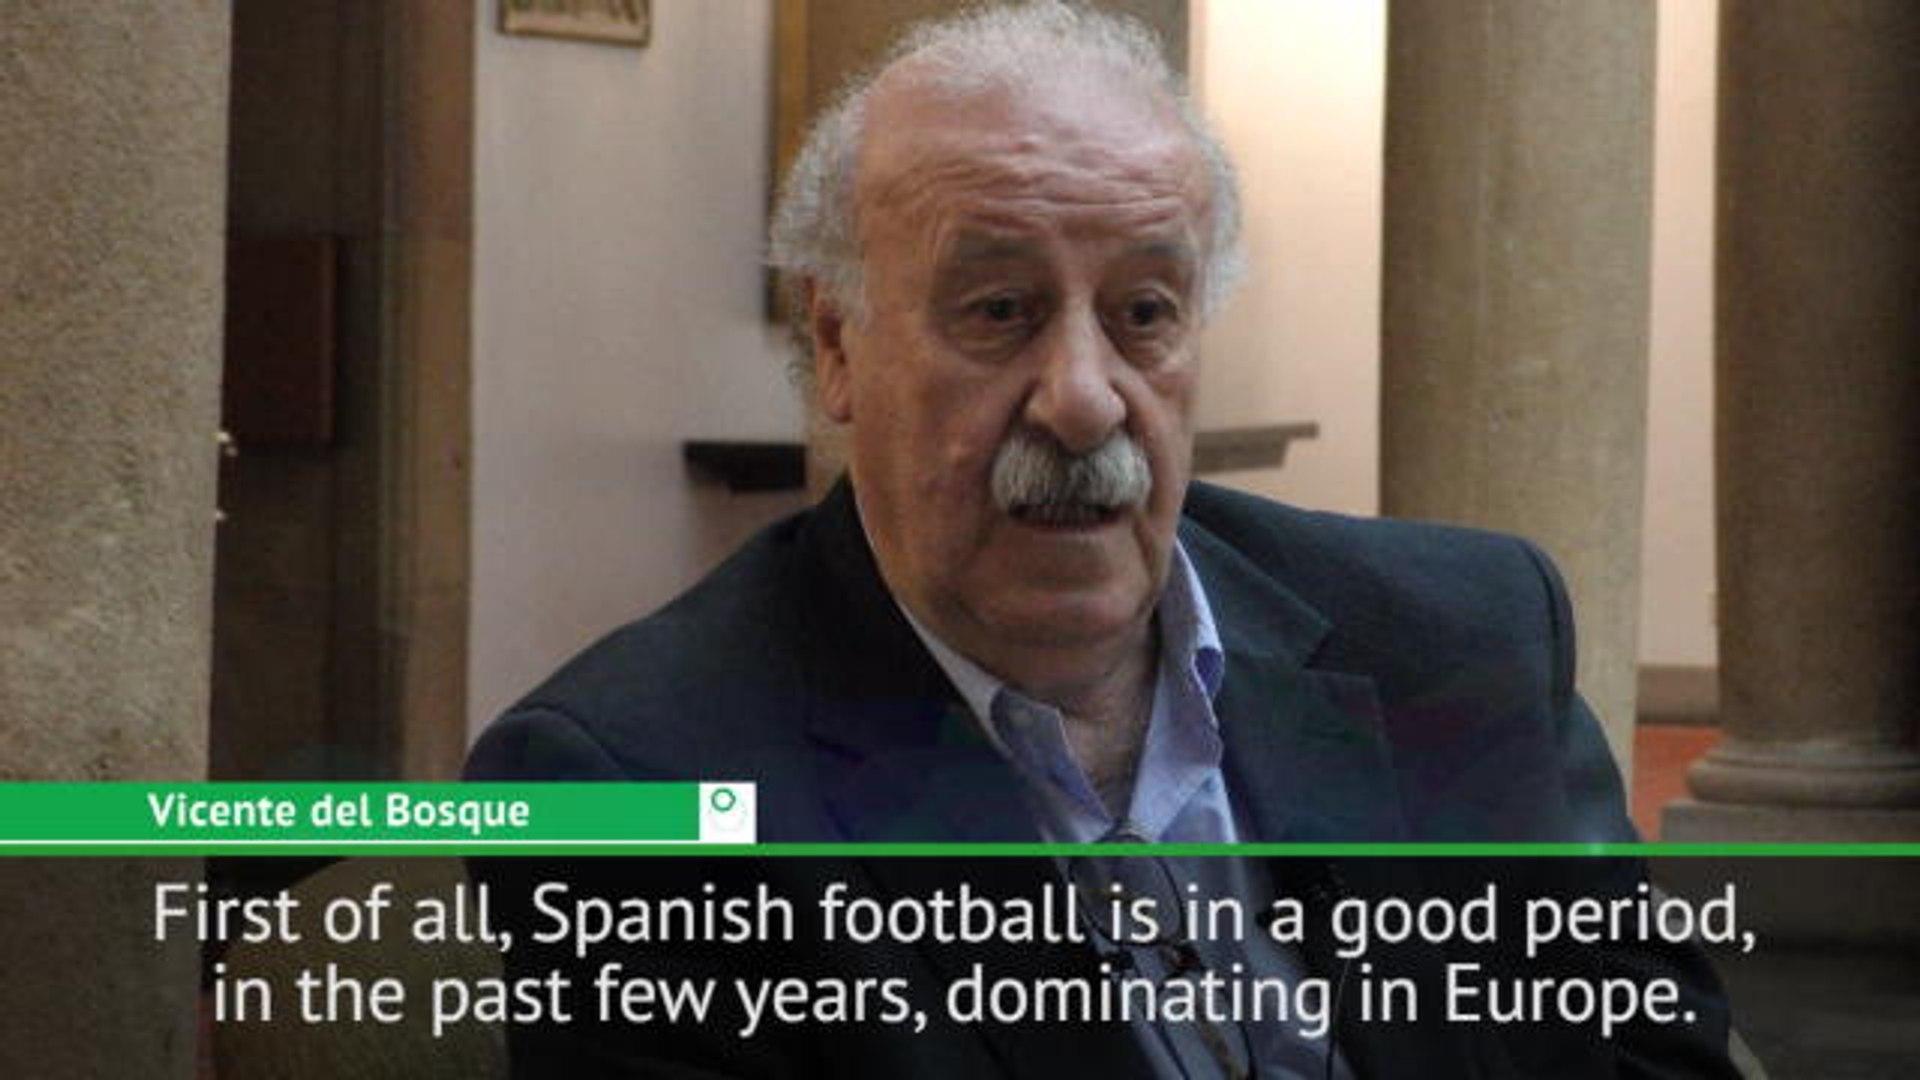 Spanish football in dominant period - del Bosque